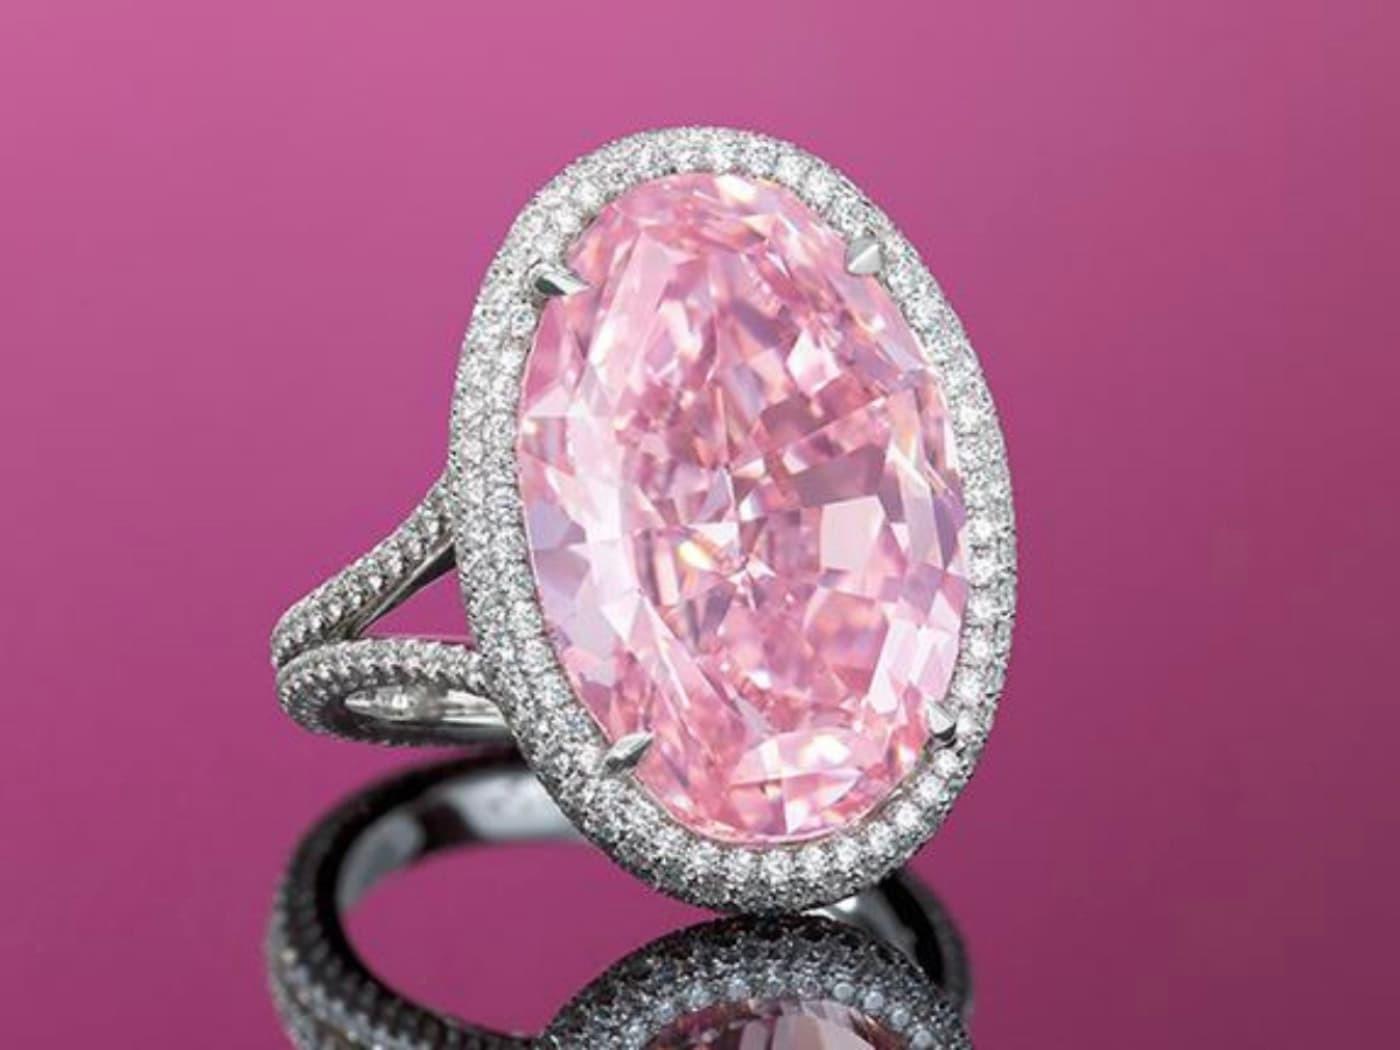 2017年香港佳士得拍出14.93克拉VV1等級粉紅鑽戒,得標價32,480,500美元。